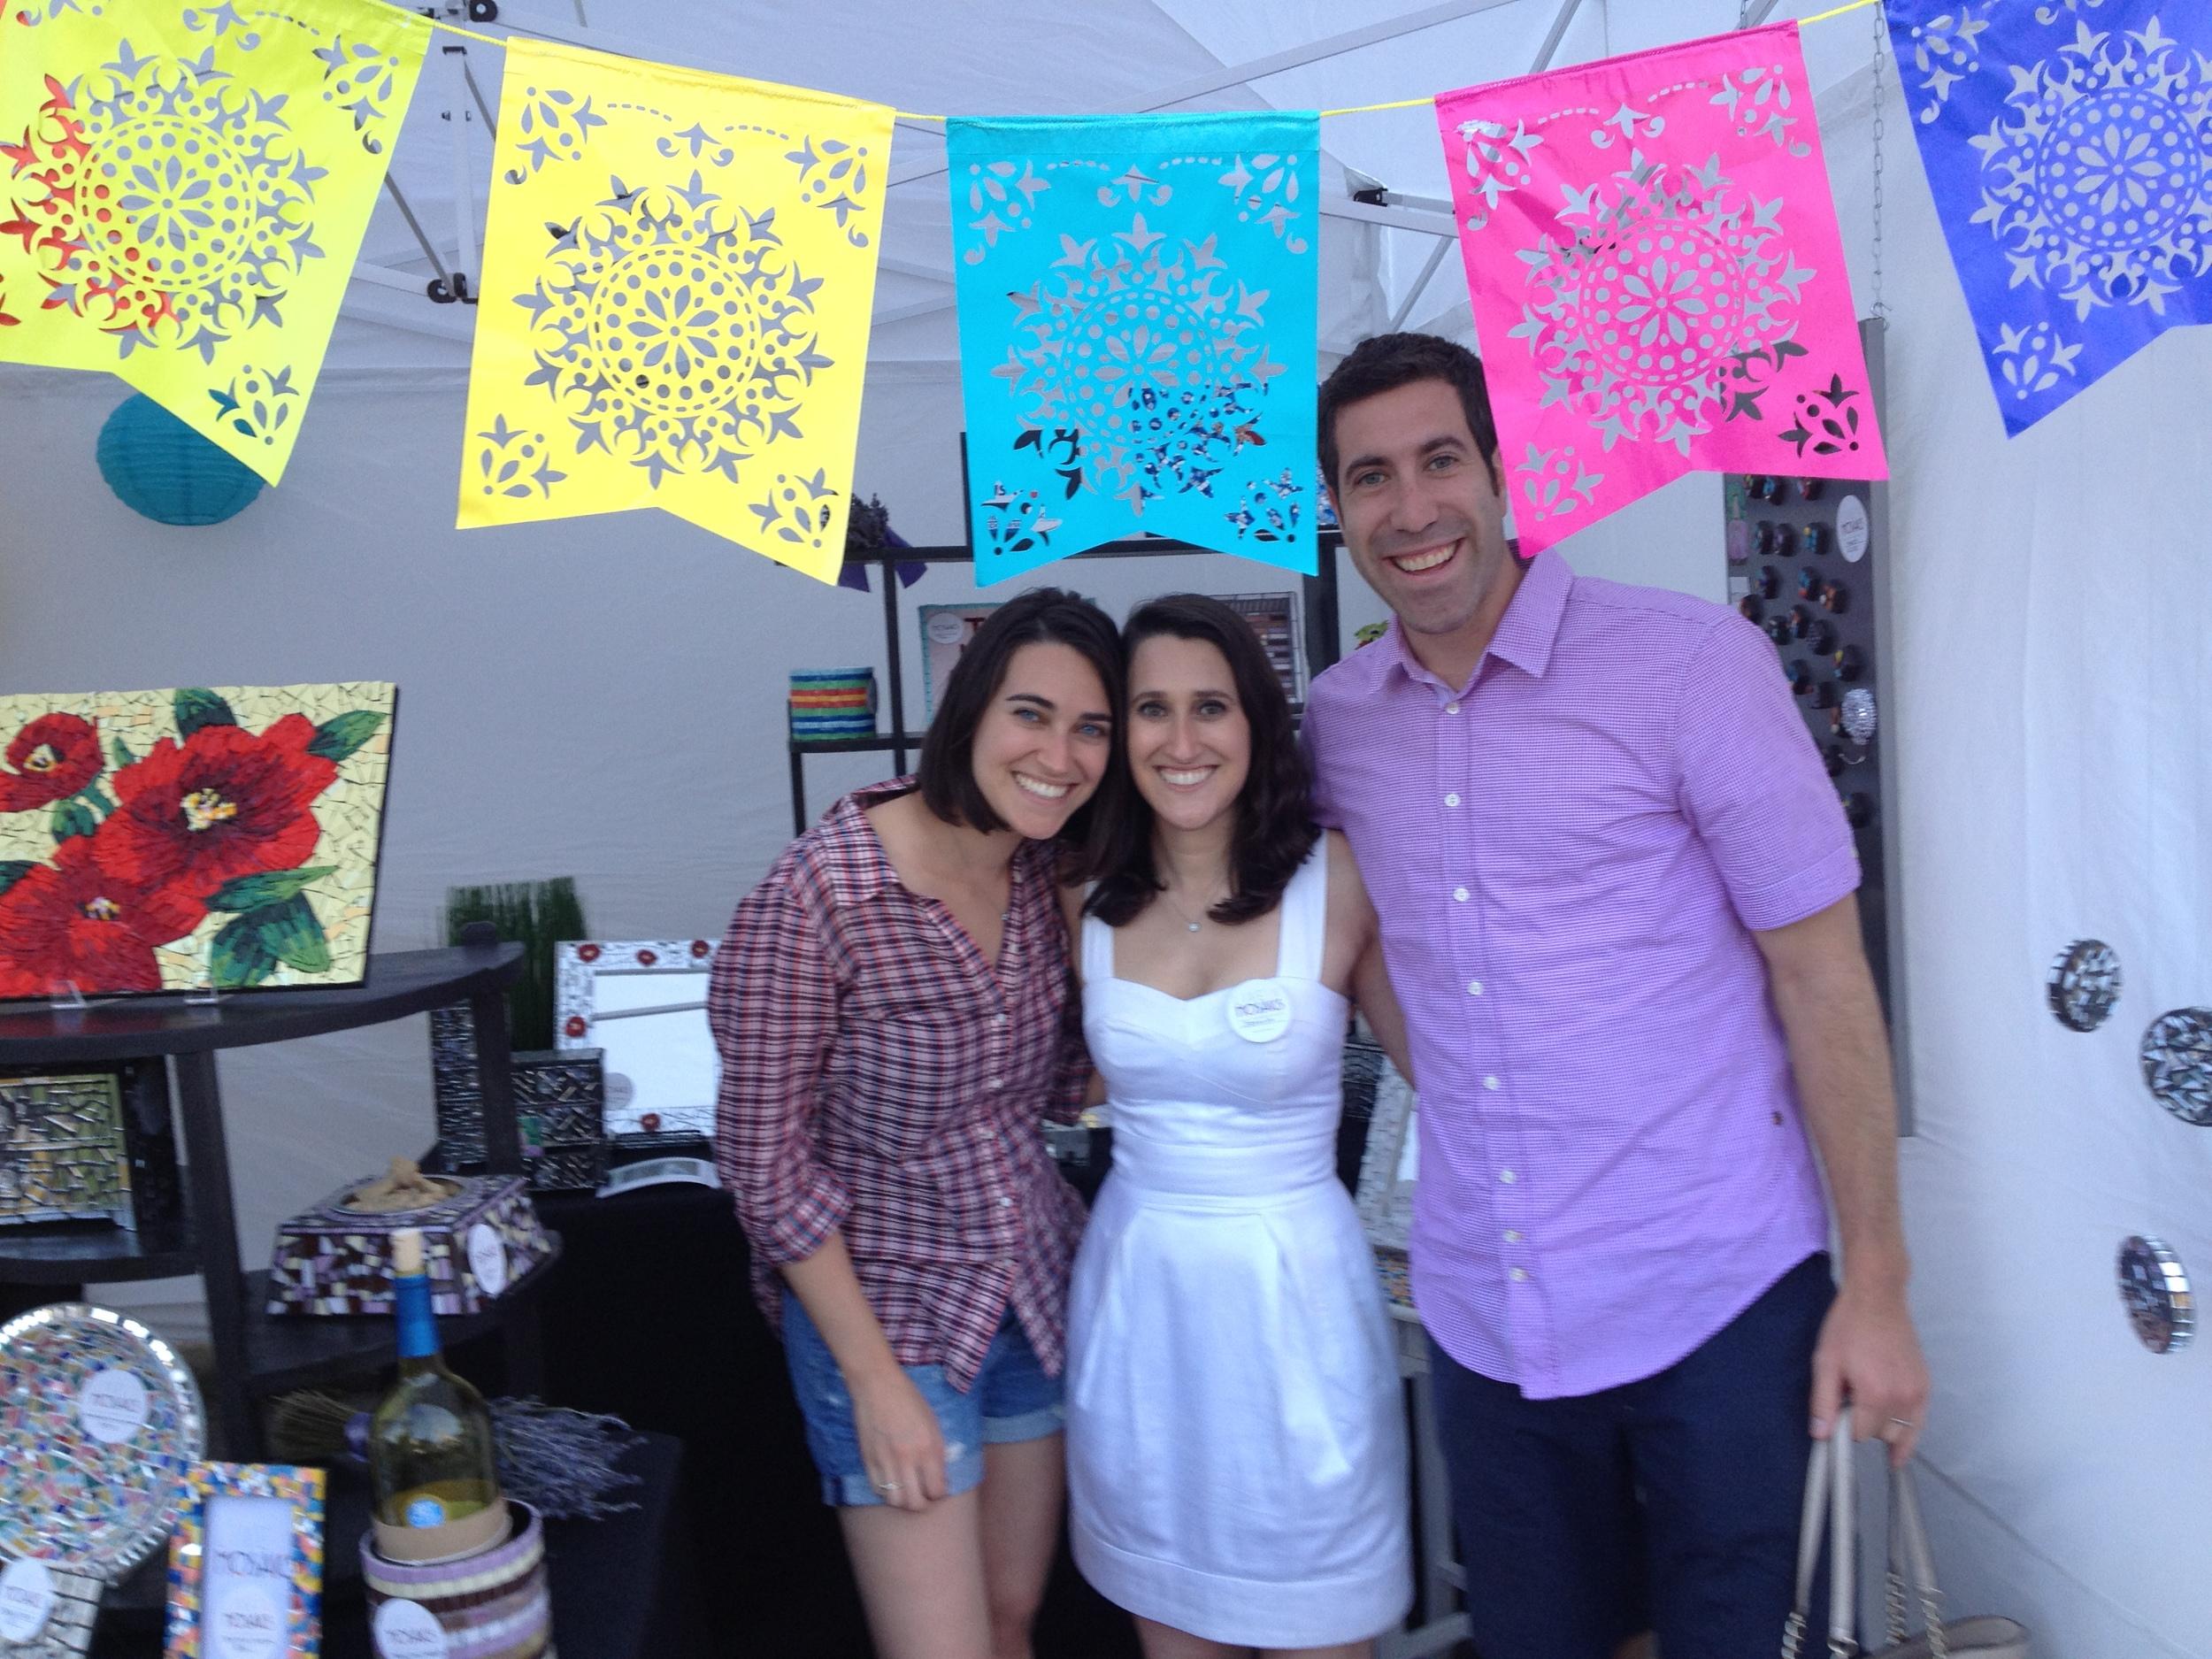 Stacey, me, Matt in Mosaics.jpg